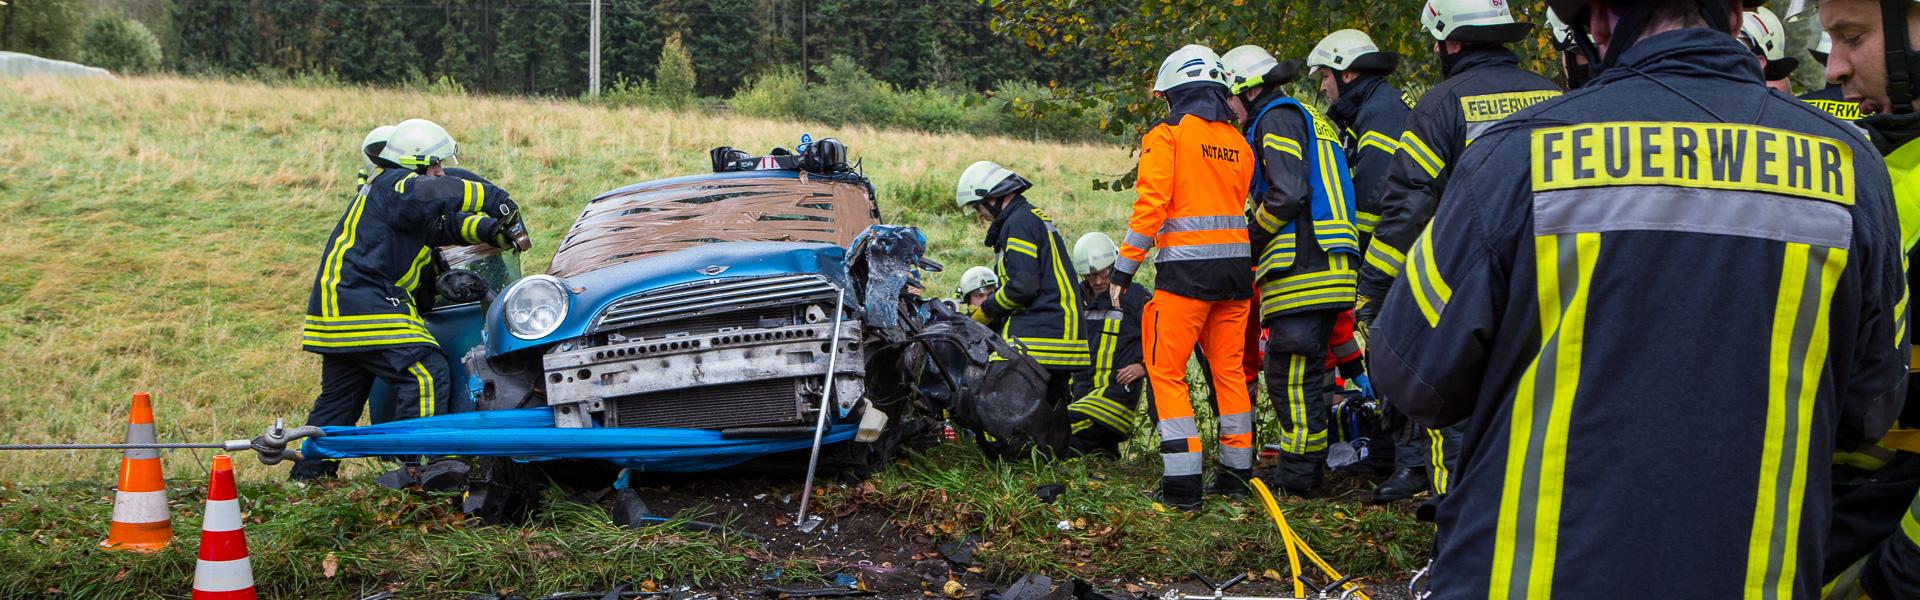 07.10.2017 – Sieben Verletzte durch Verkehrsunfall in Ahrensburg